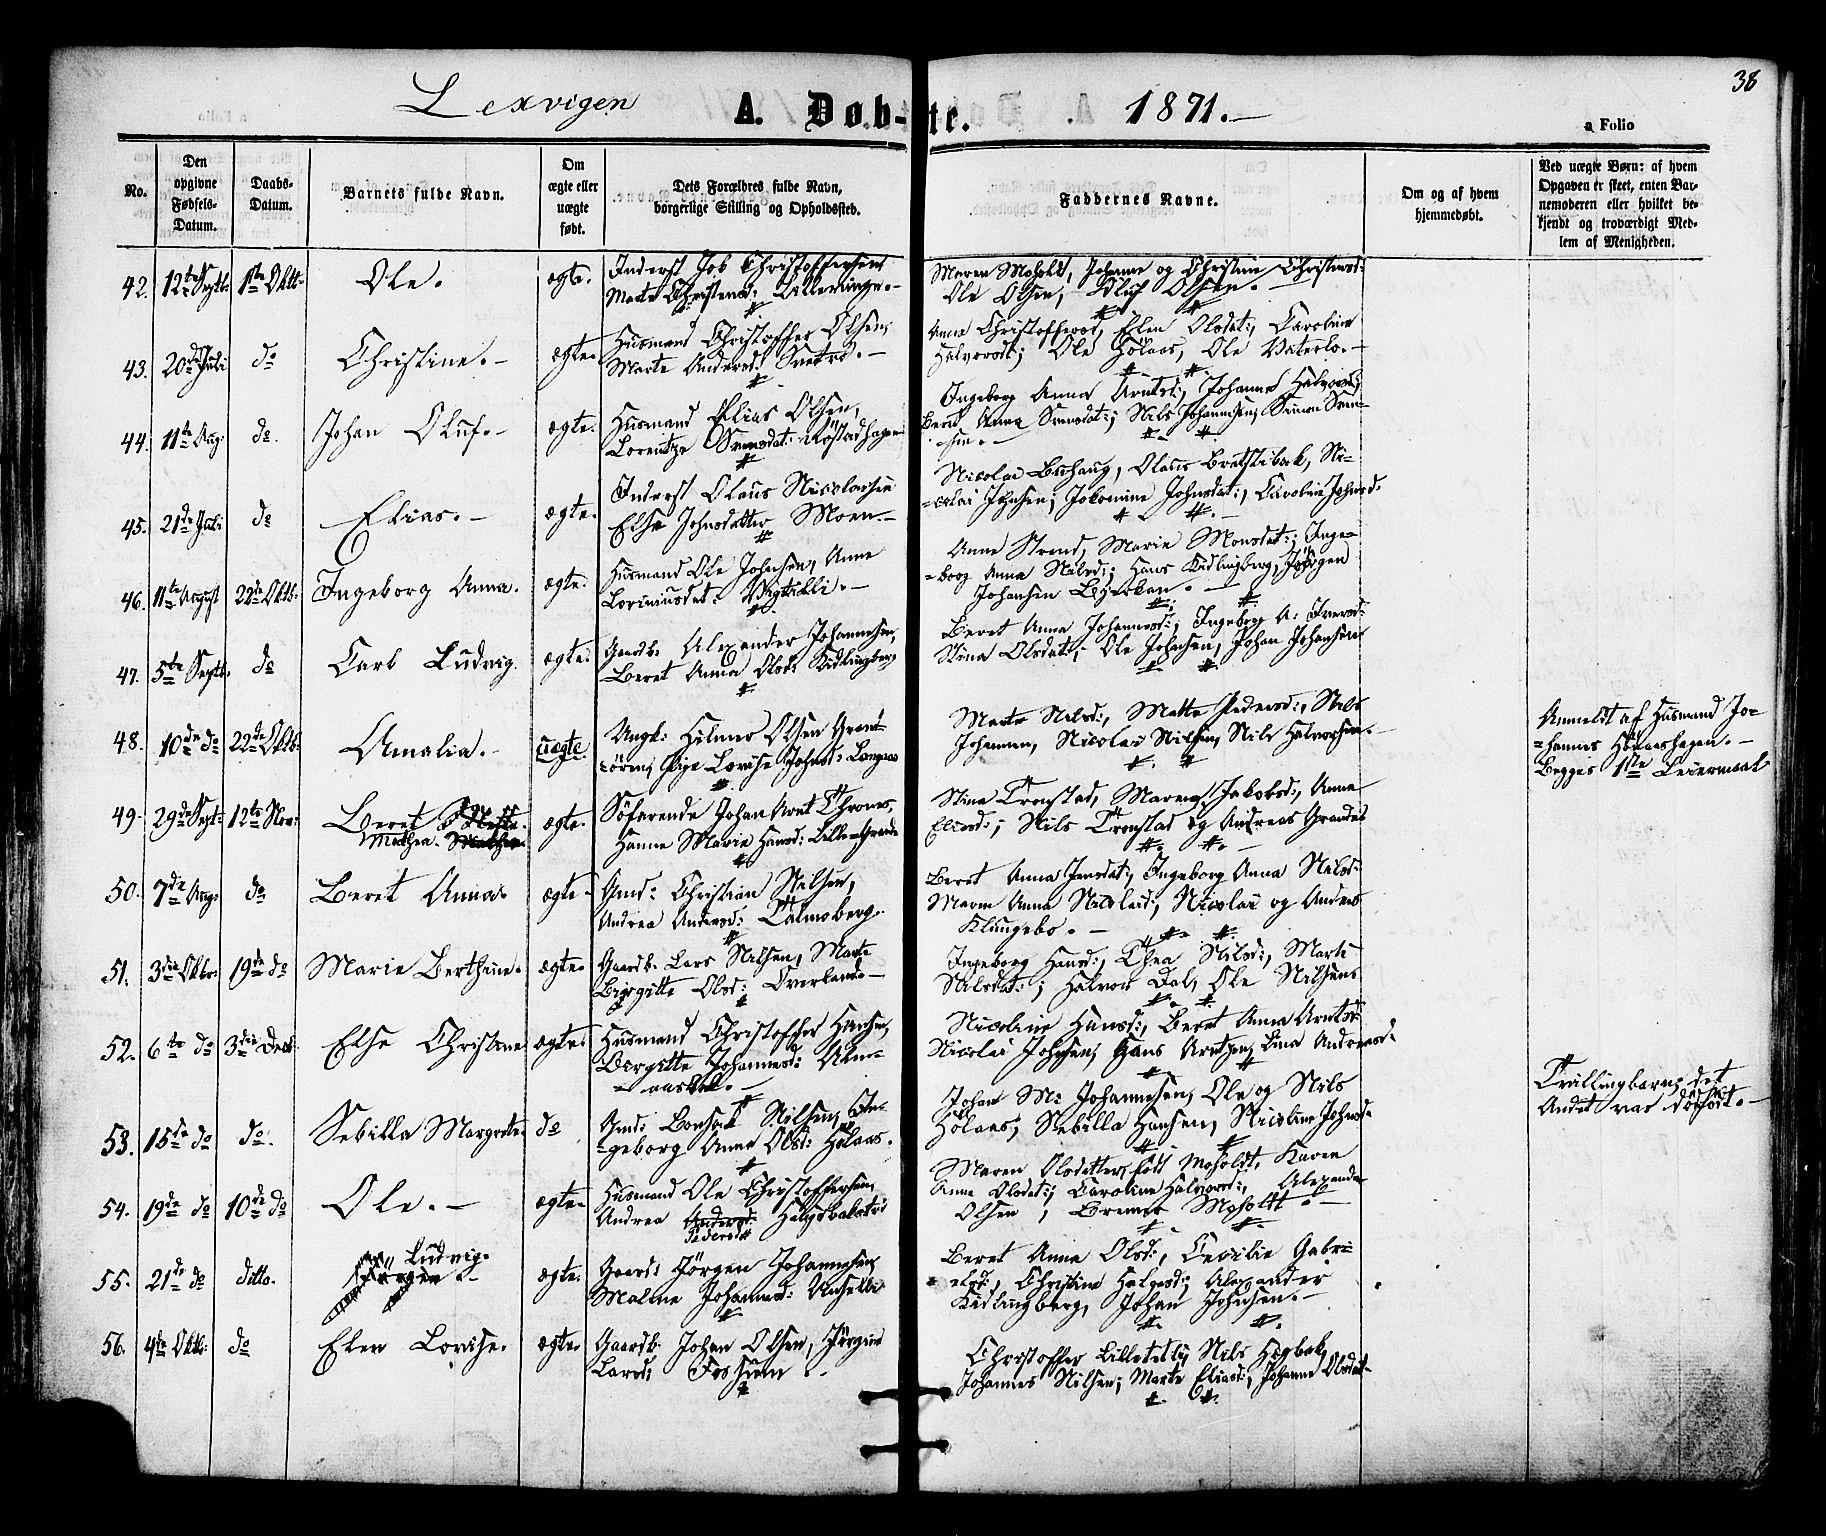 SAT, Ministerialprotokoller, klokkerbøker og fødselsregistre - Nord-Trøndelag, 701/L0009: Ministerialbok nr. 701A09 /1, 1864-1882, s. 38